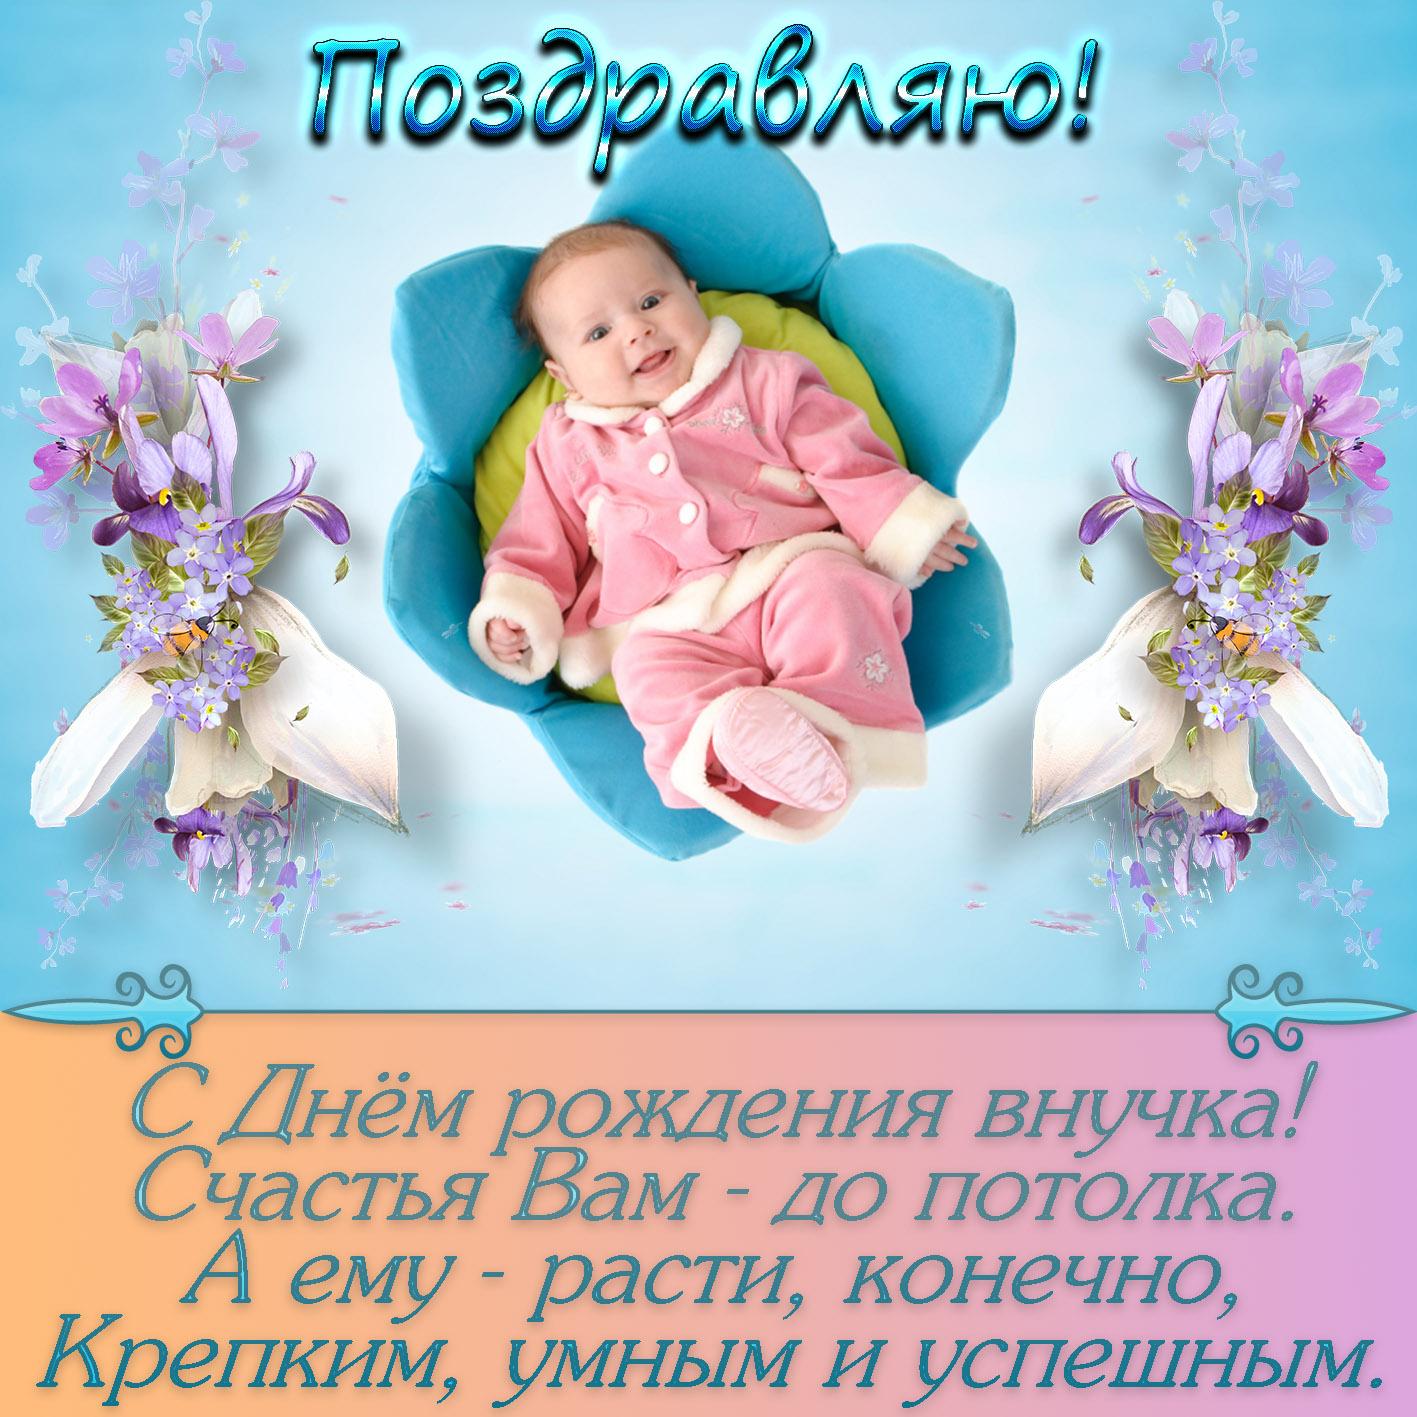 Открытка с рождением внуков для бабушки